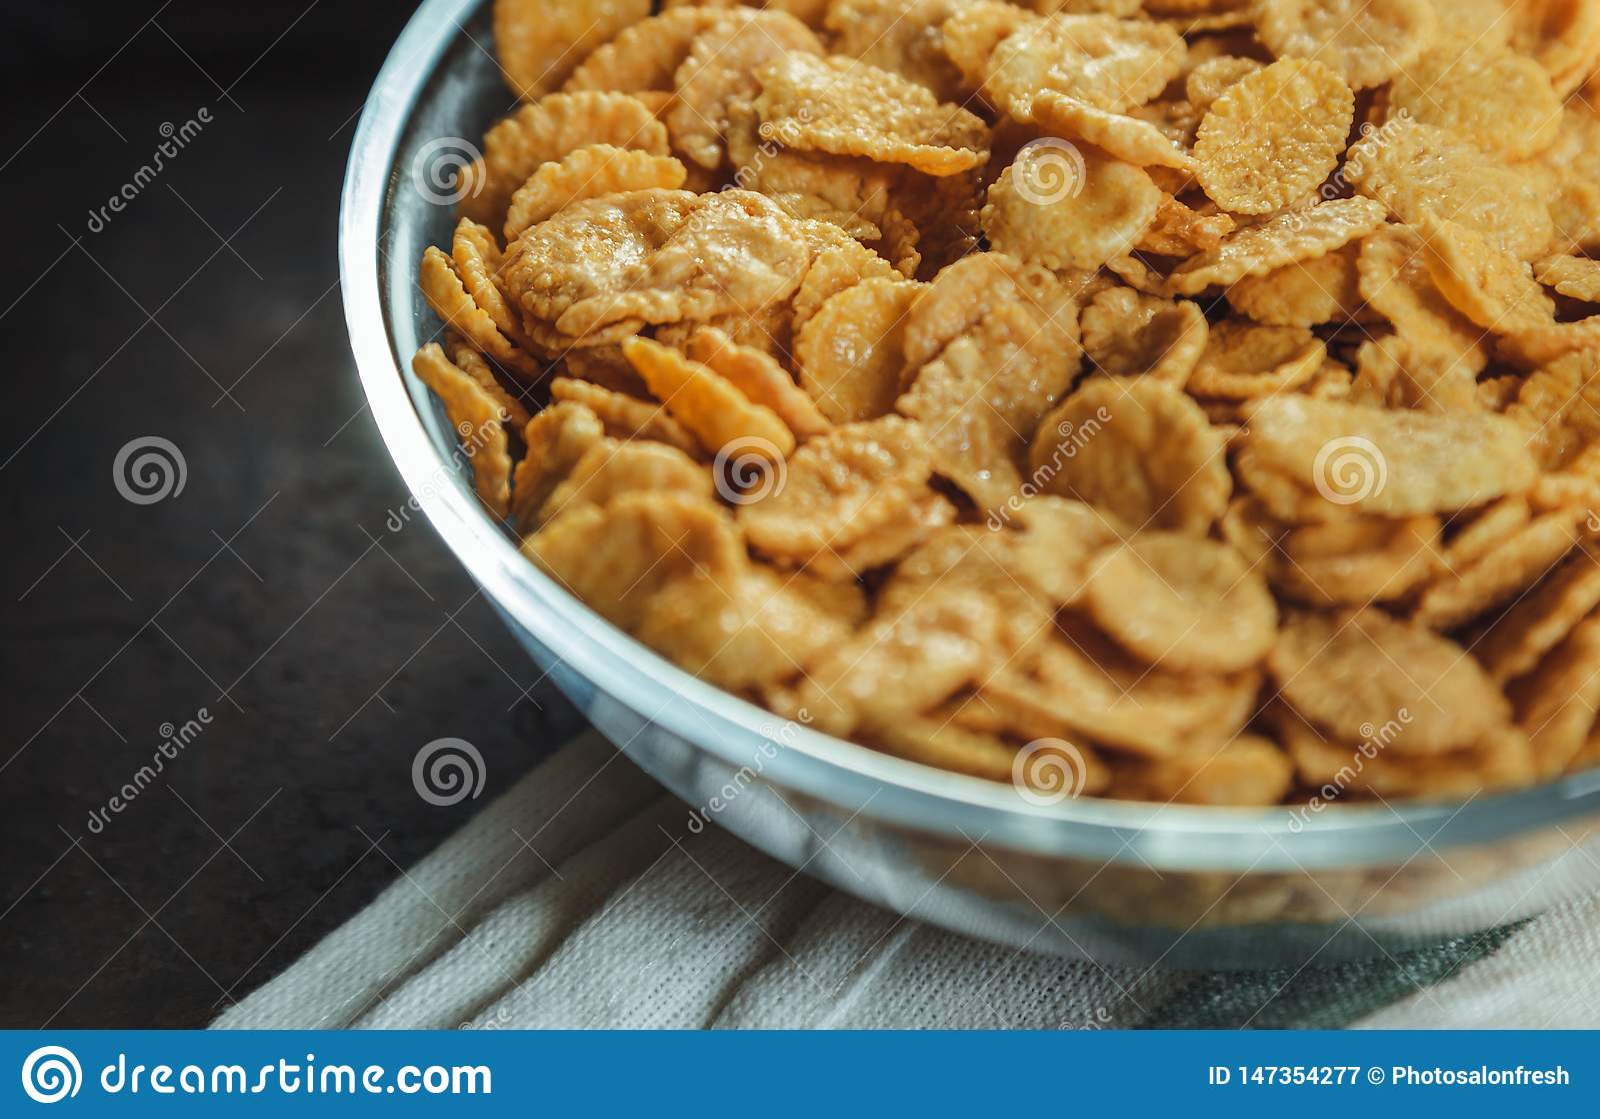 Cornflakes dans la cuvette sur la table avec la serviette